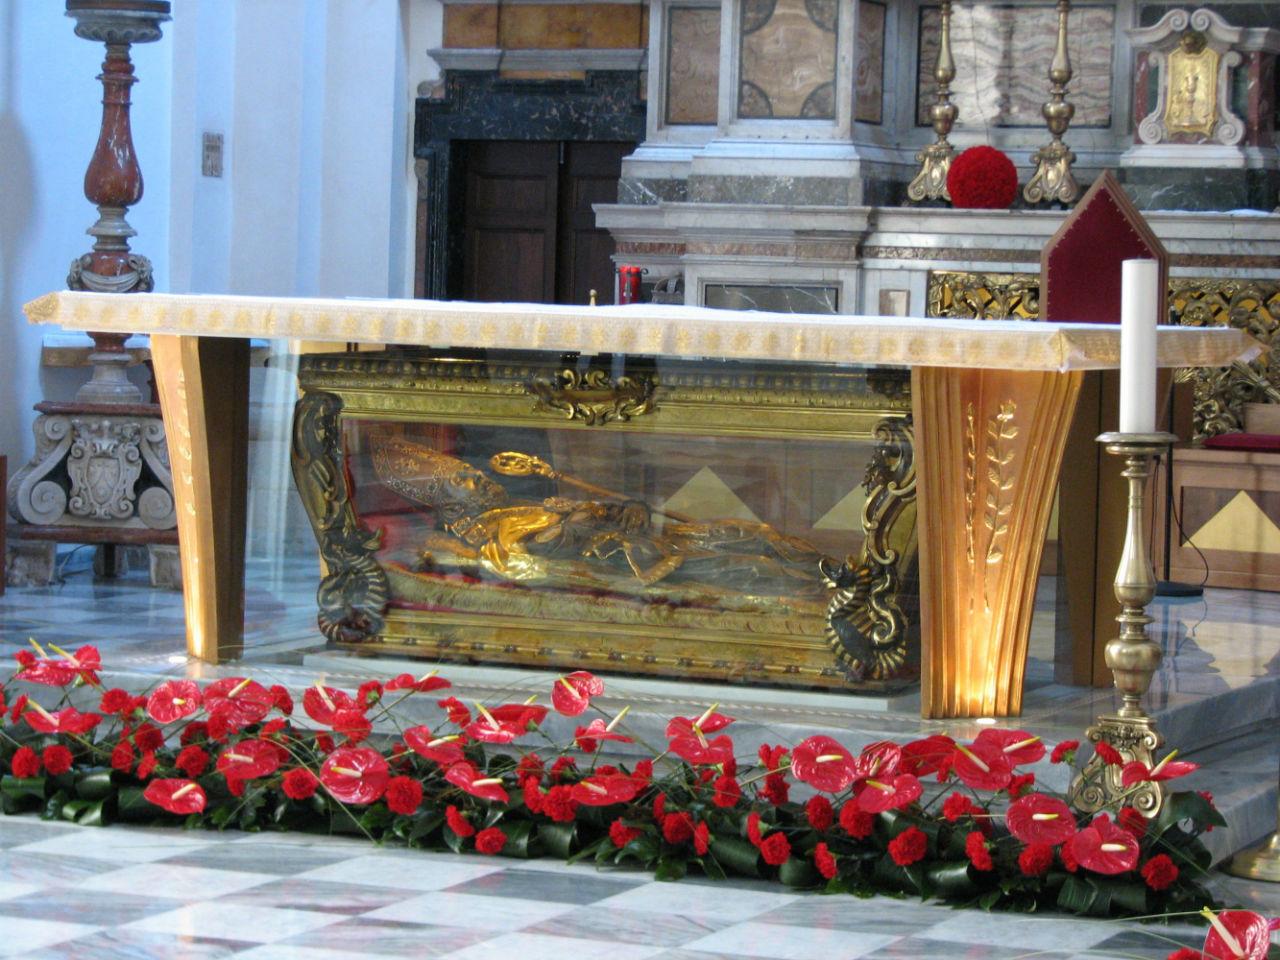 6-Мощи святого Валентина в базилике в итальянском городе Терни.jpg